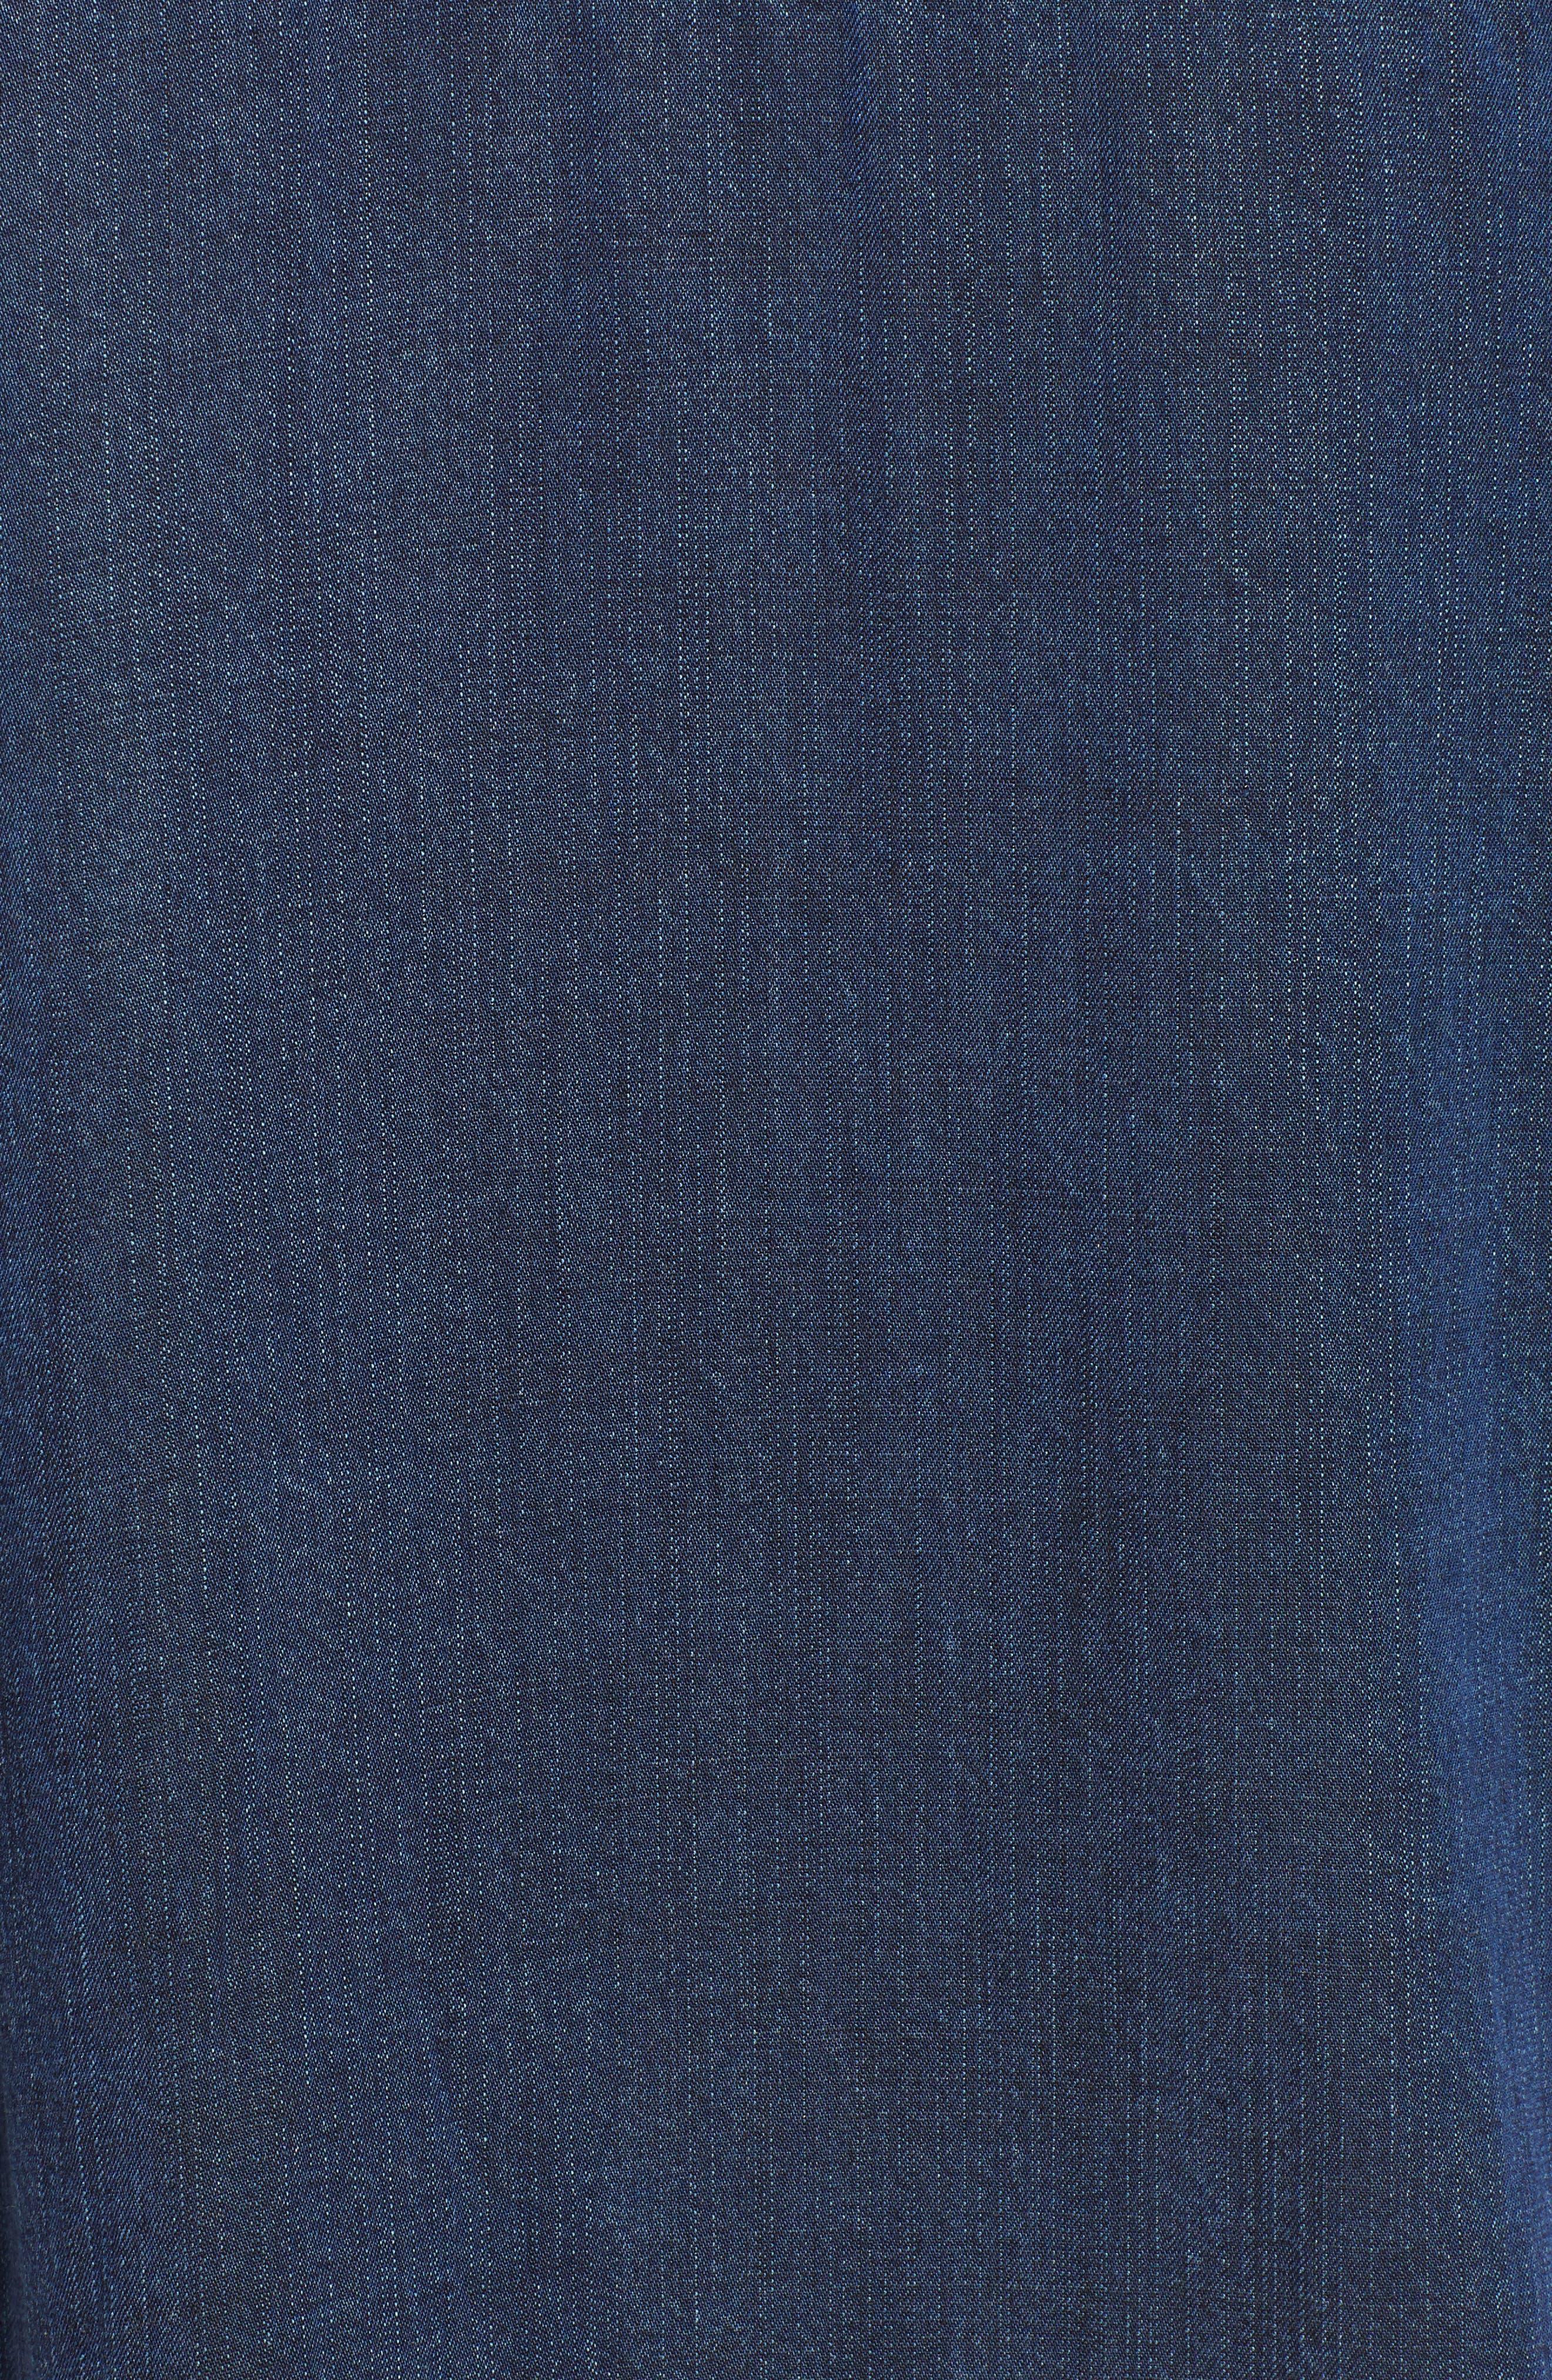 West Button Down Shirt,                             Alternate thumbnail 5, color,                             DARK VINTAGE LAPIS COAST WHITE